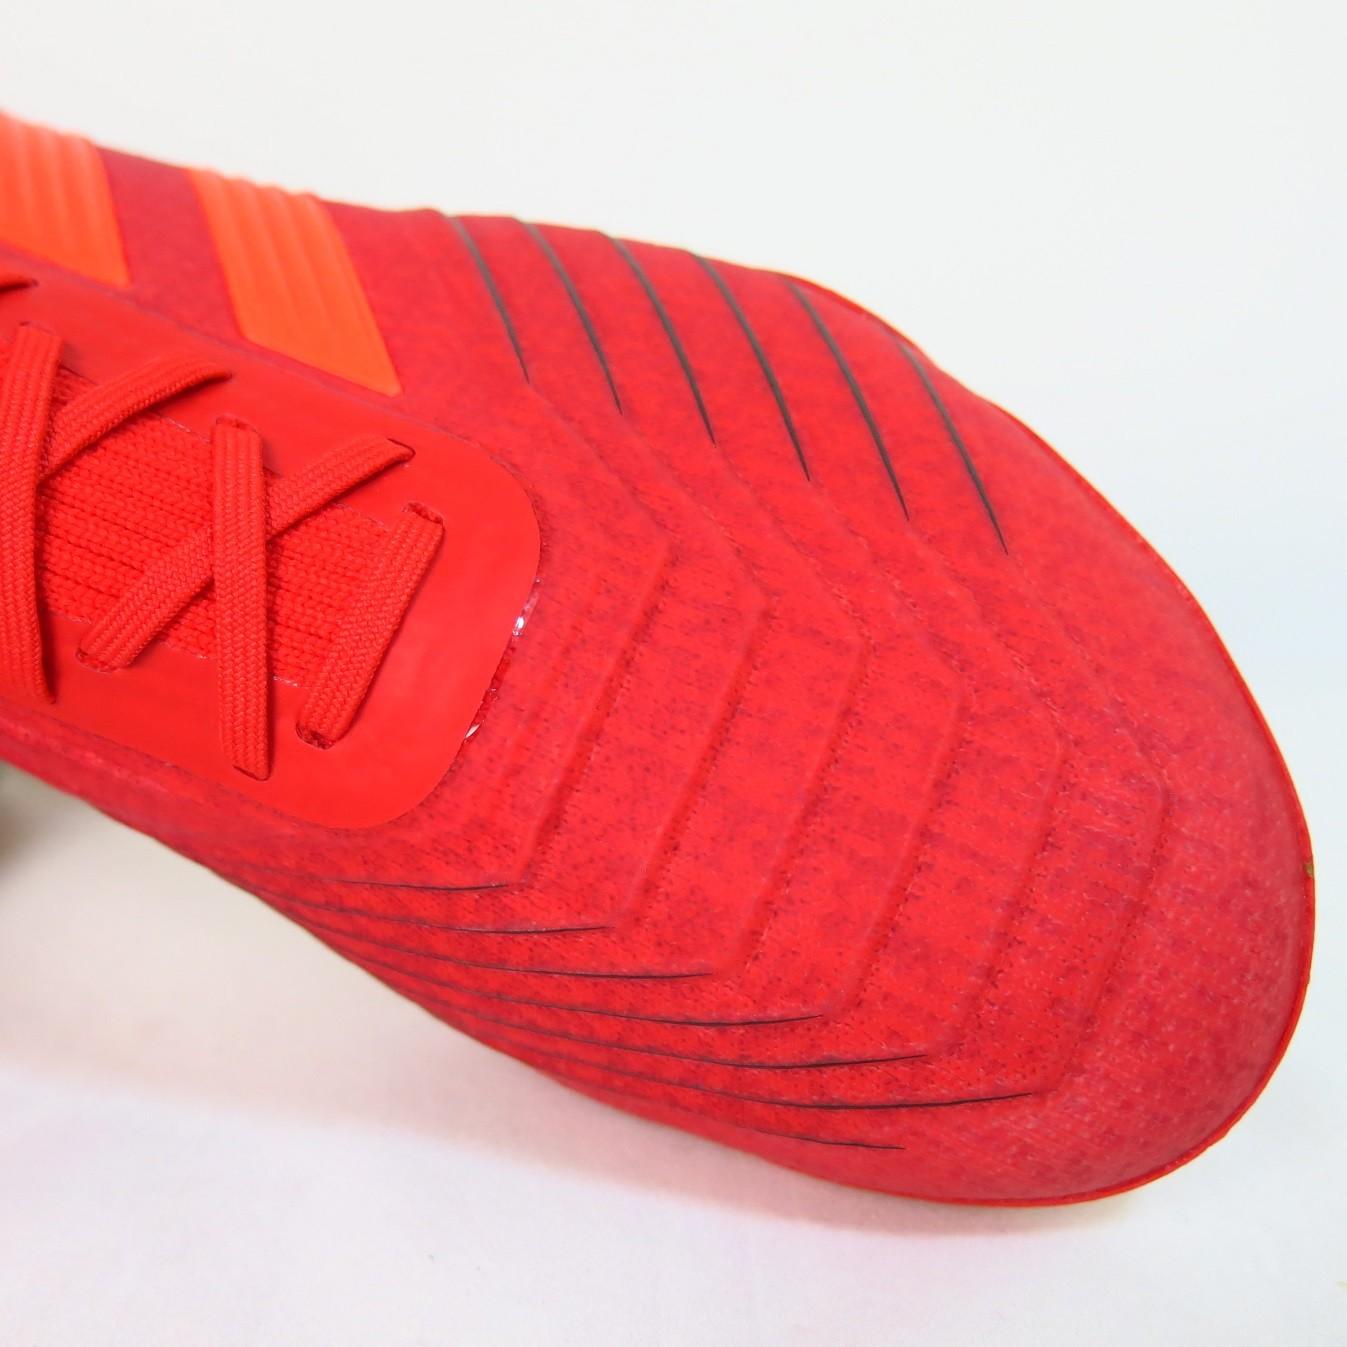 Chuteira adidas Predator 19.1 SG - Trava Mista - Fabricada na Alemanha